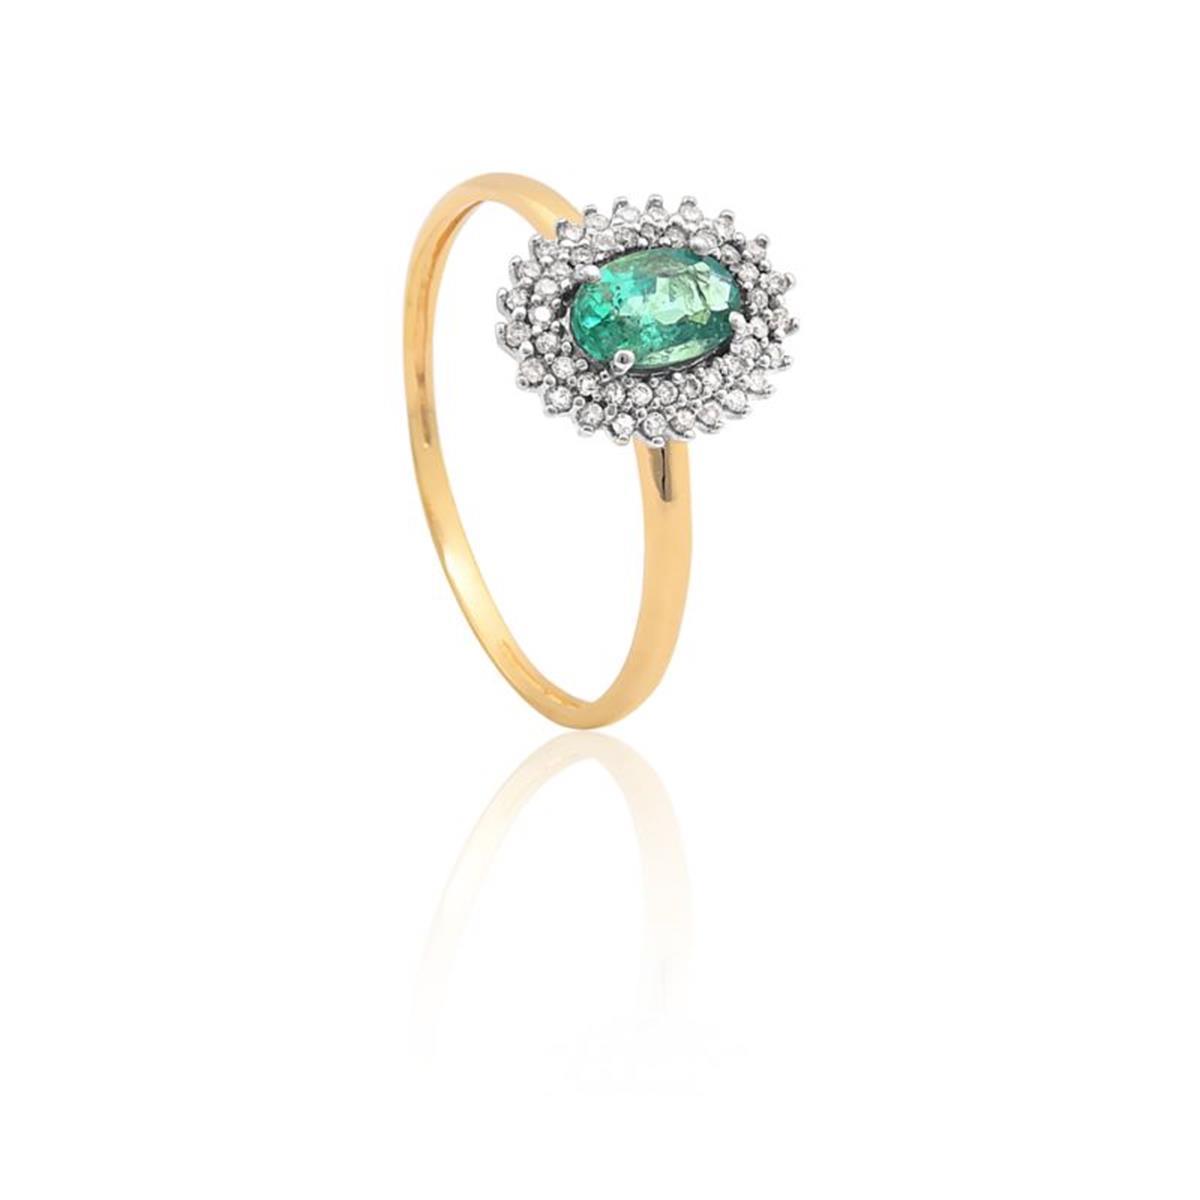 Anel de Ouro 18k de Formatura com Rubi e Diamantes - AFN9242 0085 - Coliseu a9fa13f3ce